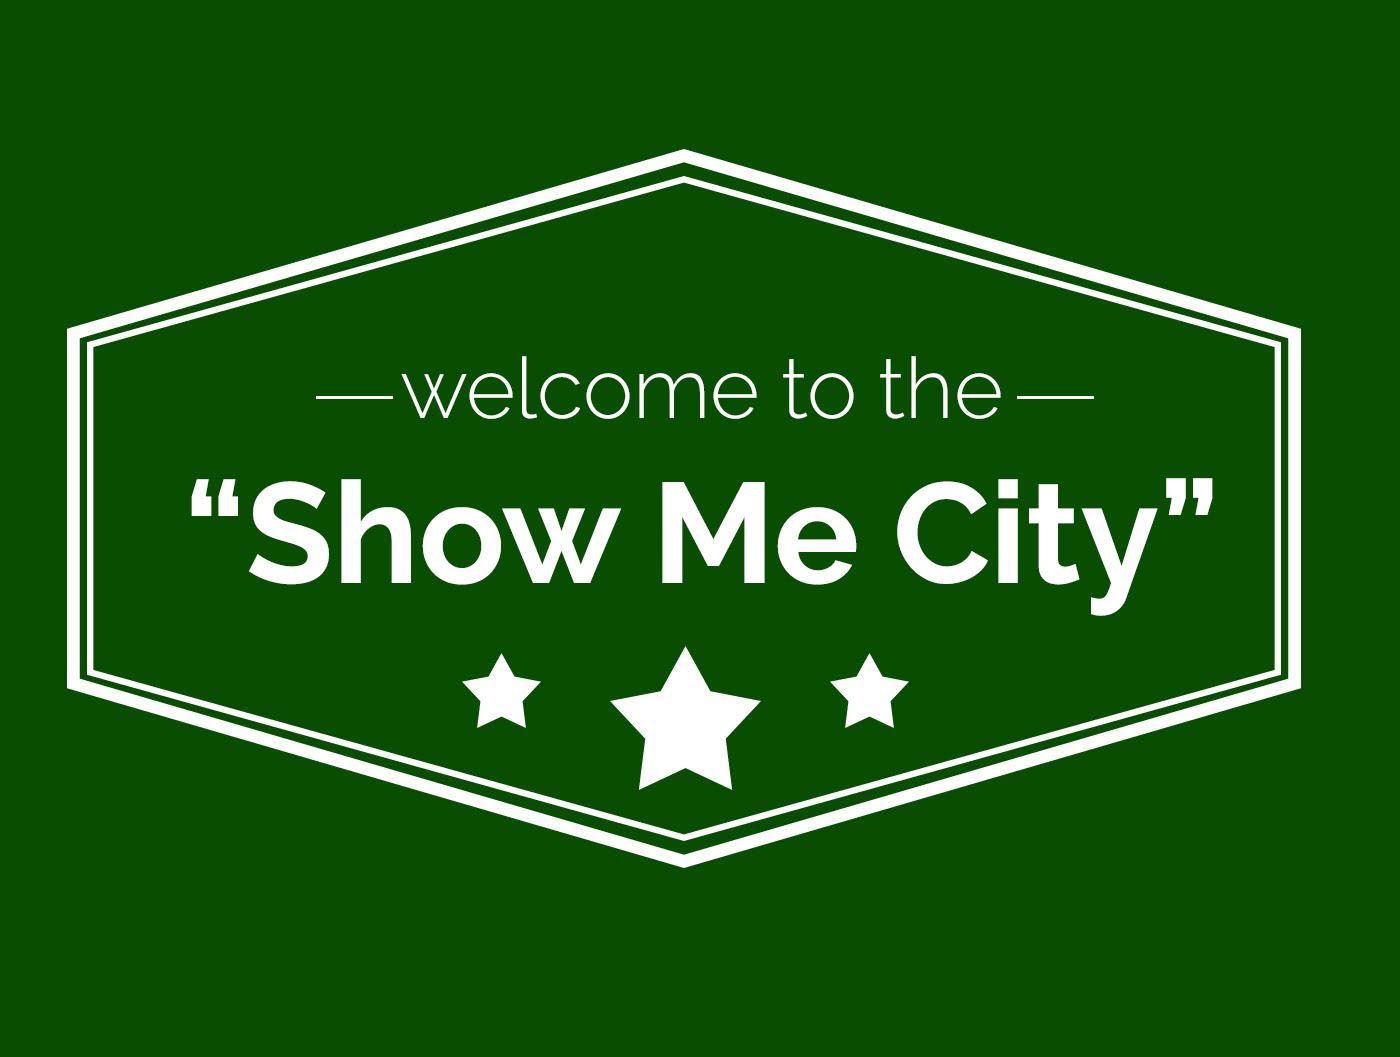 Missouri City, TX - Official Website | Official Website